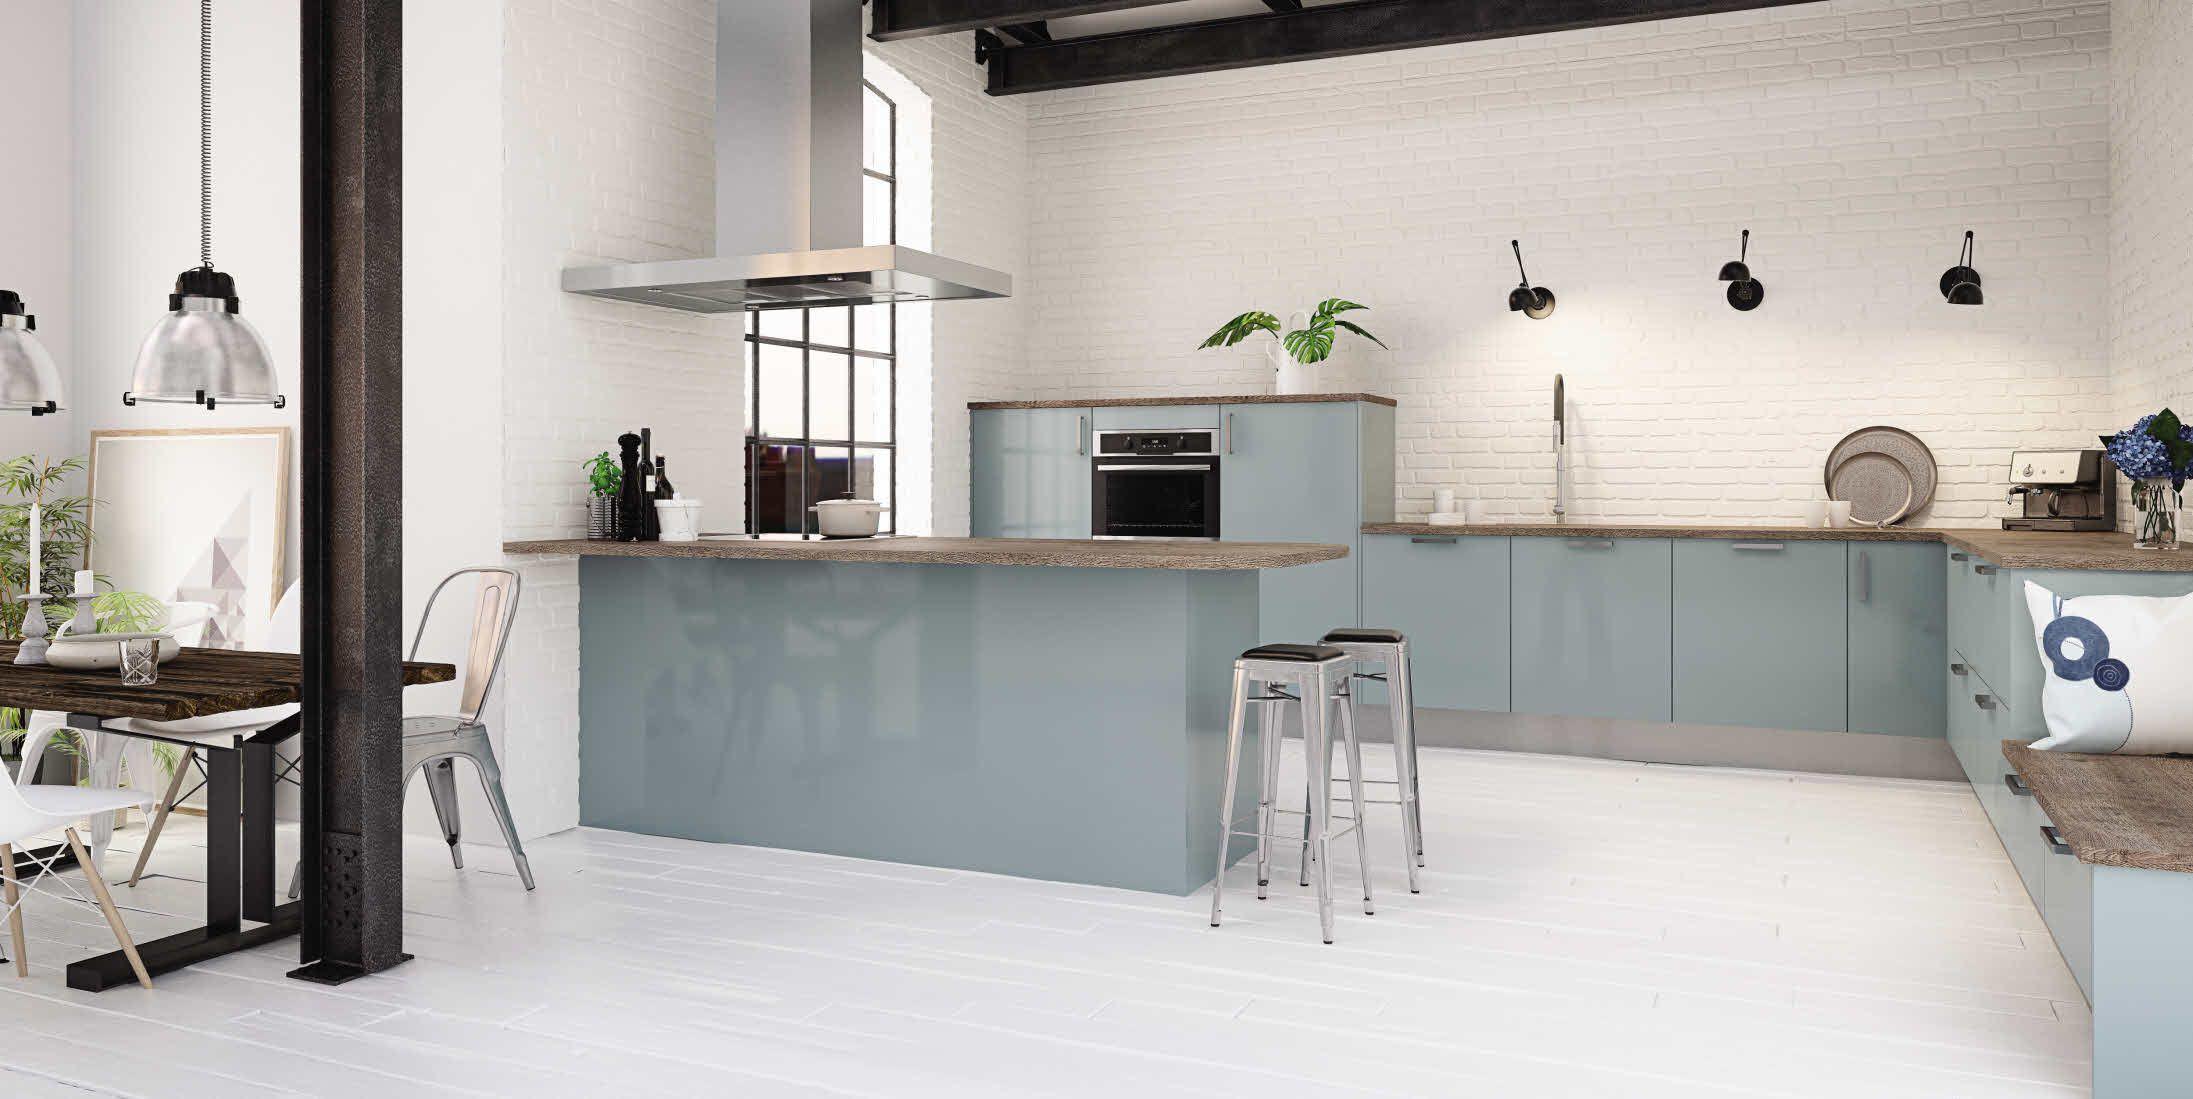 Cuisine Moderne Bleue Hygena Interieur Cuisine Ouverte